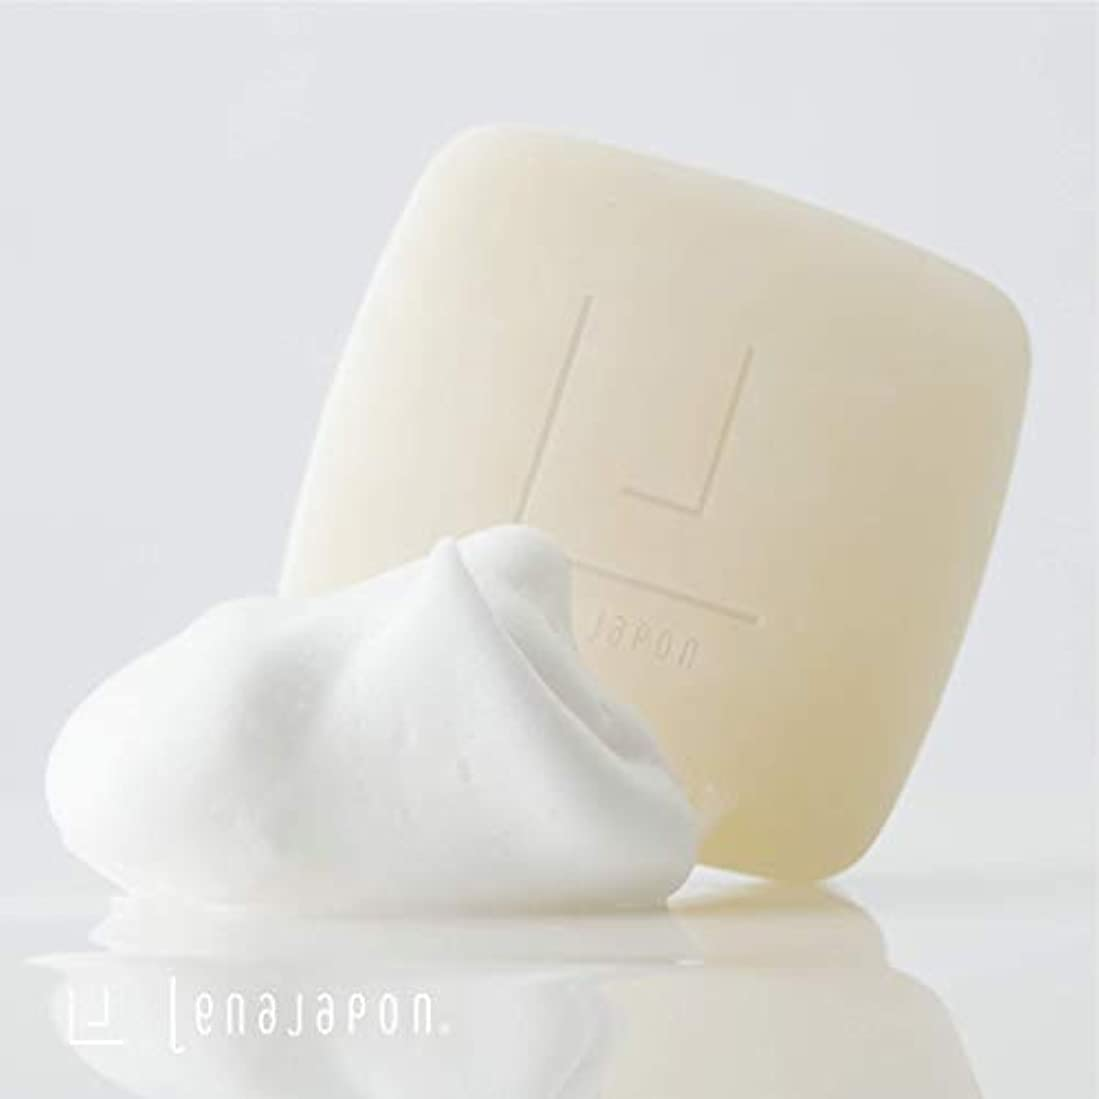 グラディスマニュアル辛なレナジャポン〈洗顔石鹸〉LJ モイストバー / LENAJAPON 〈rich foaming face soap〉 LJ MOIST BAR